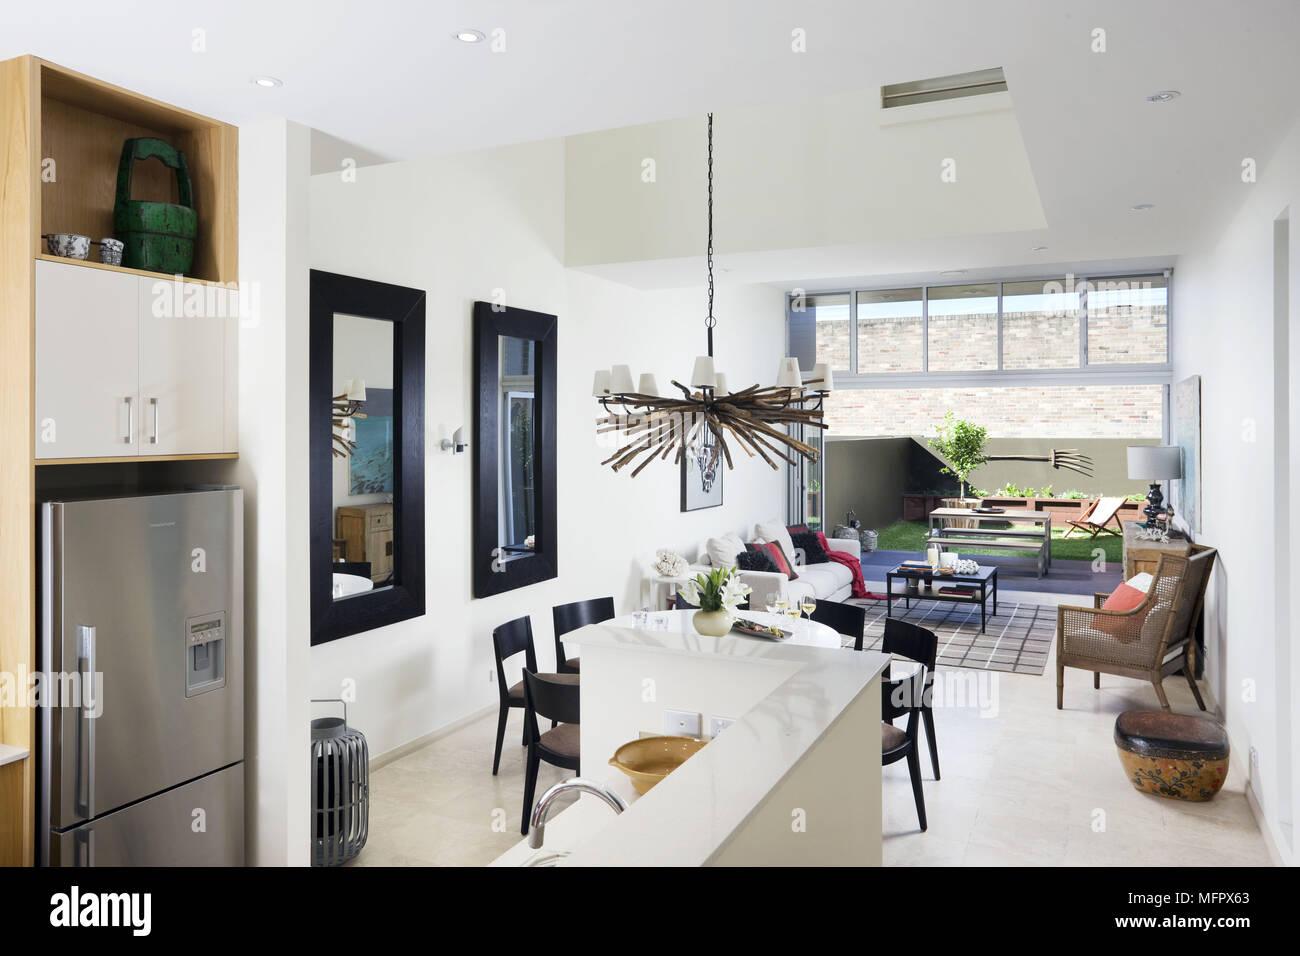 Fein Design Für Küche Zimmer Bilder - Ideen Für Die Küche Dekoration ...